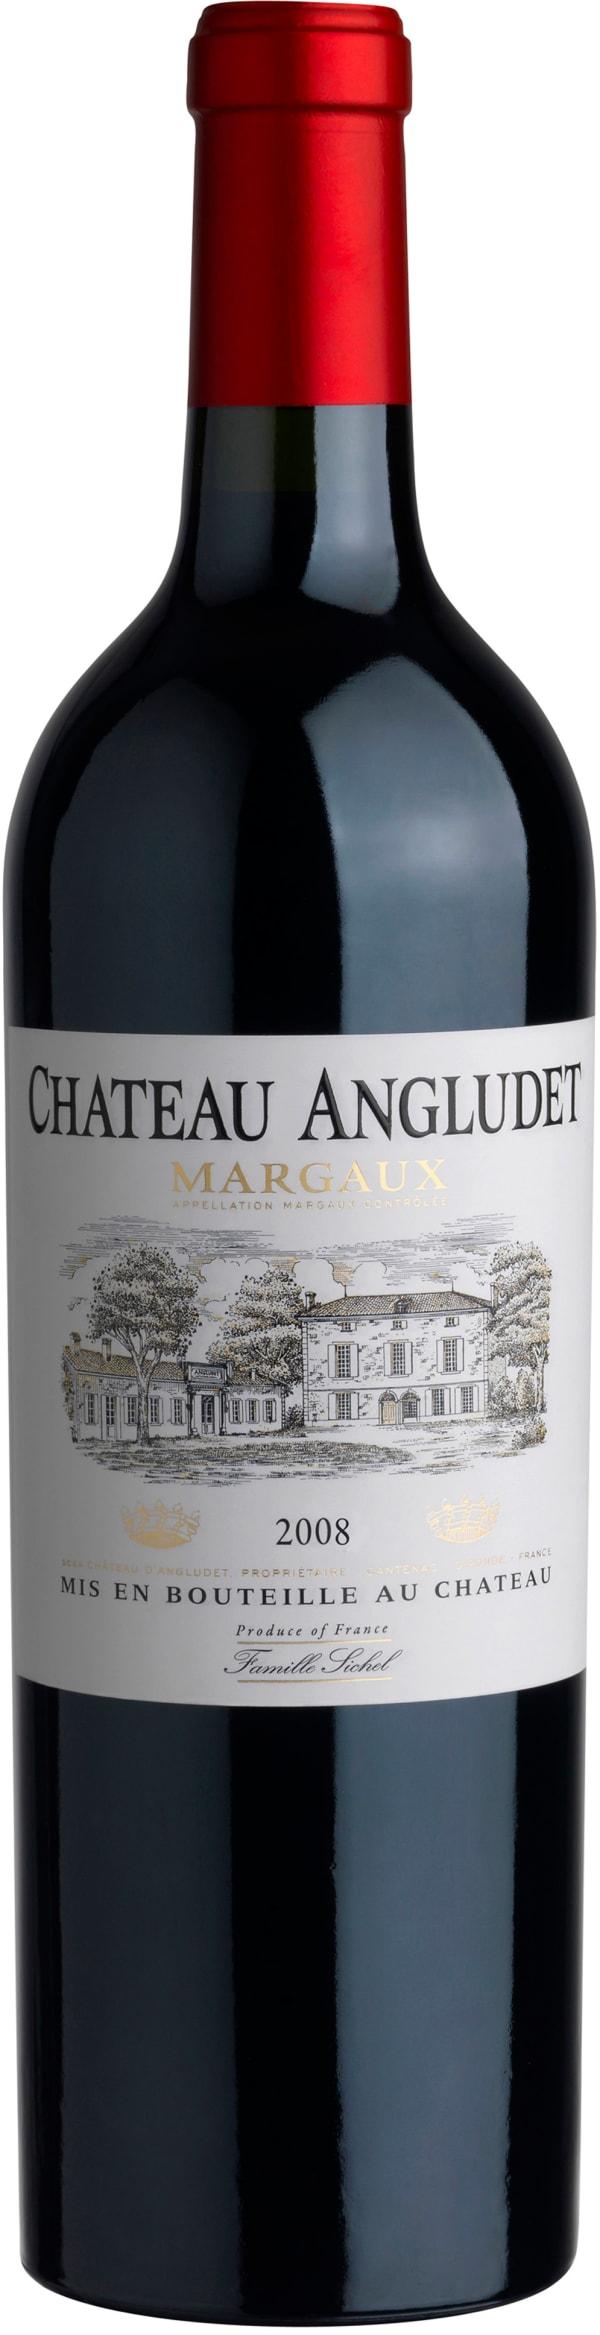 Château Angludet 2008